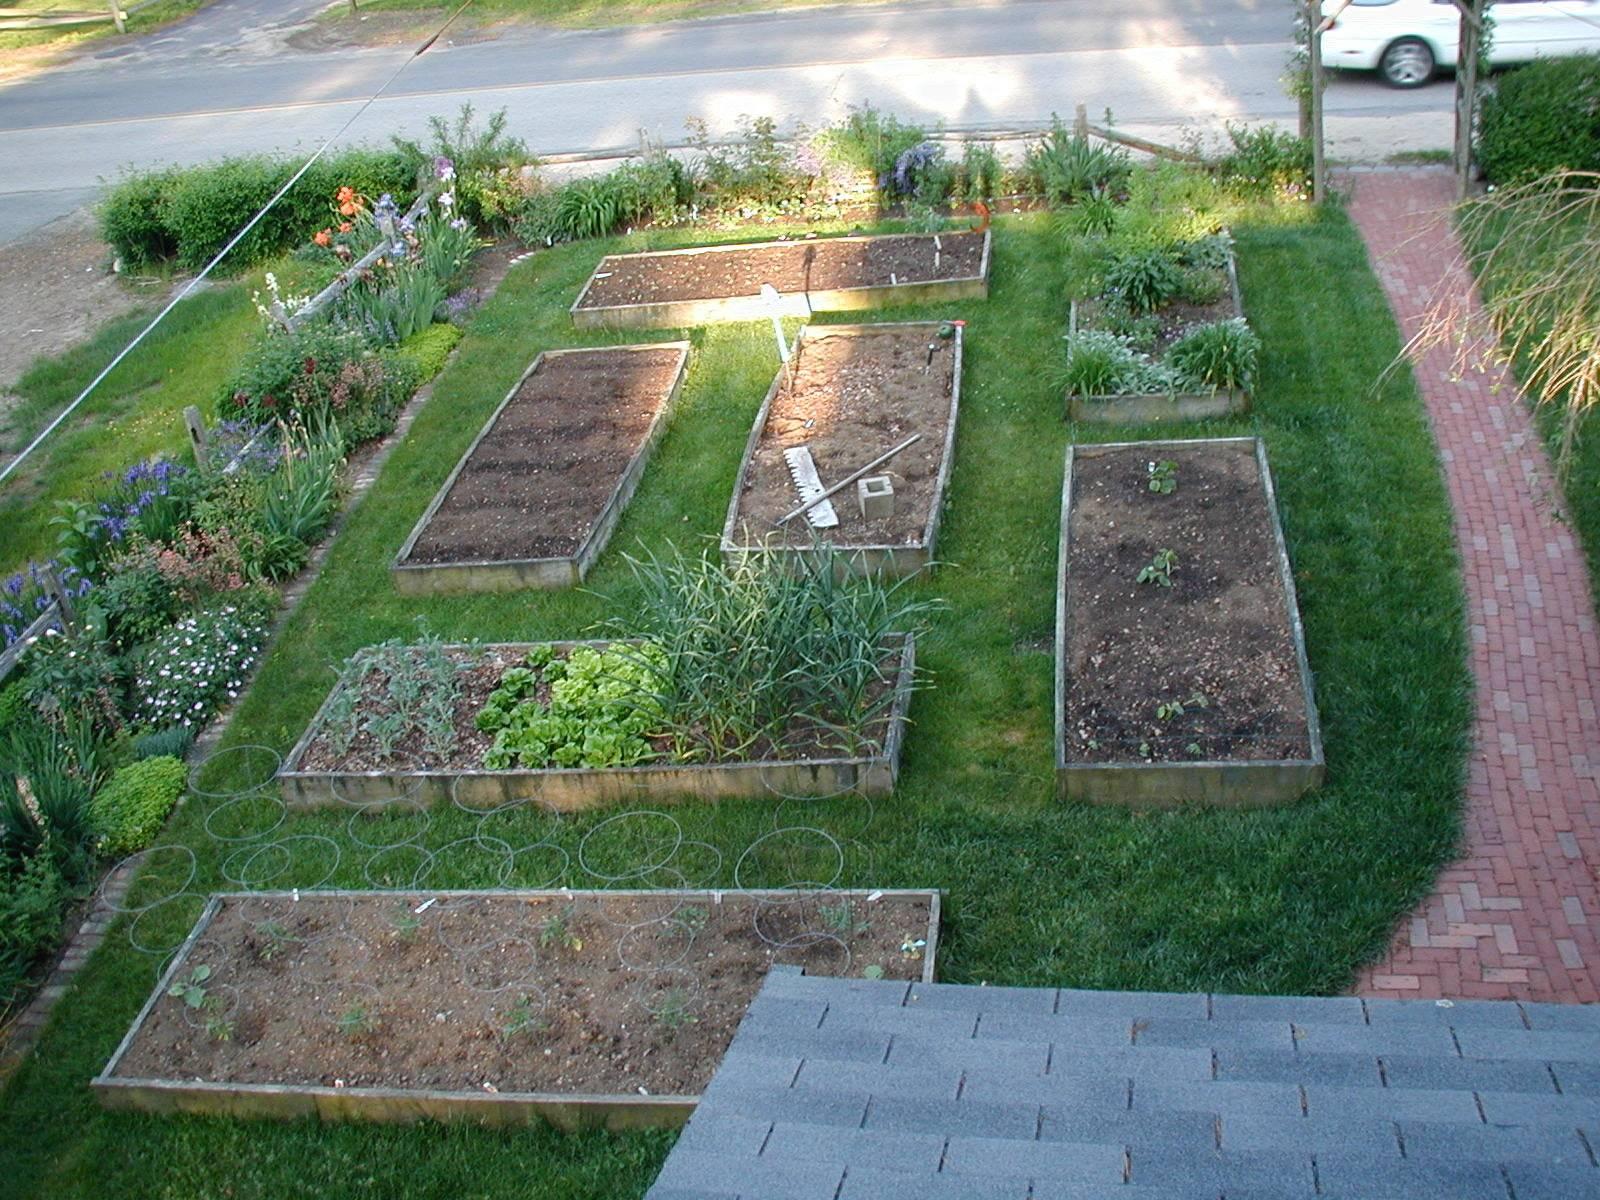 vegetable garden design ideas backyard photo - 8